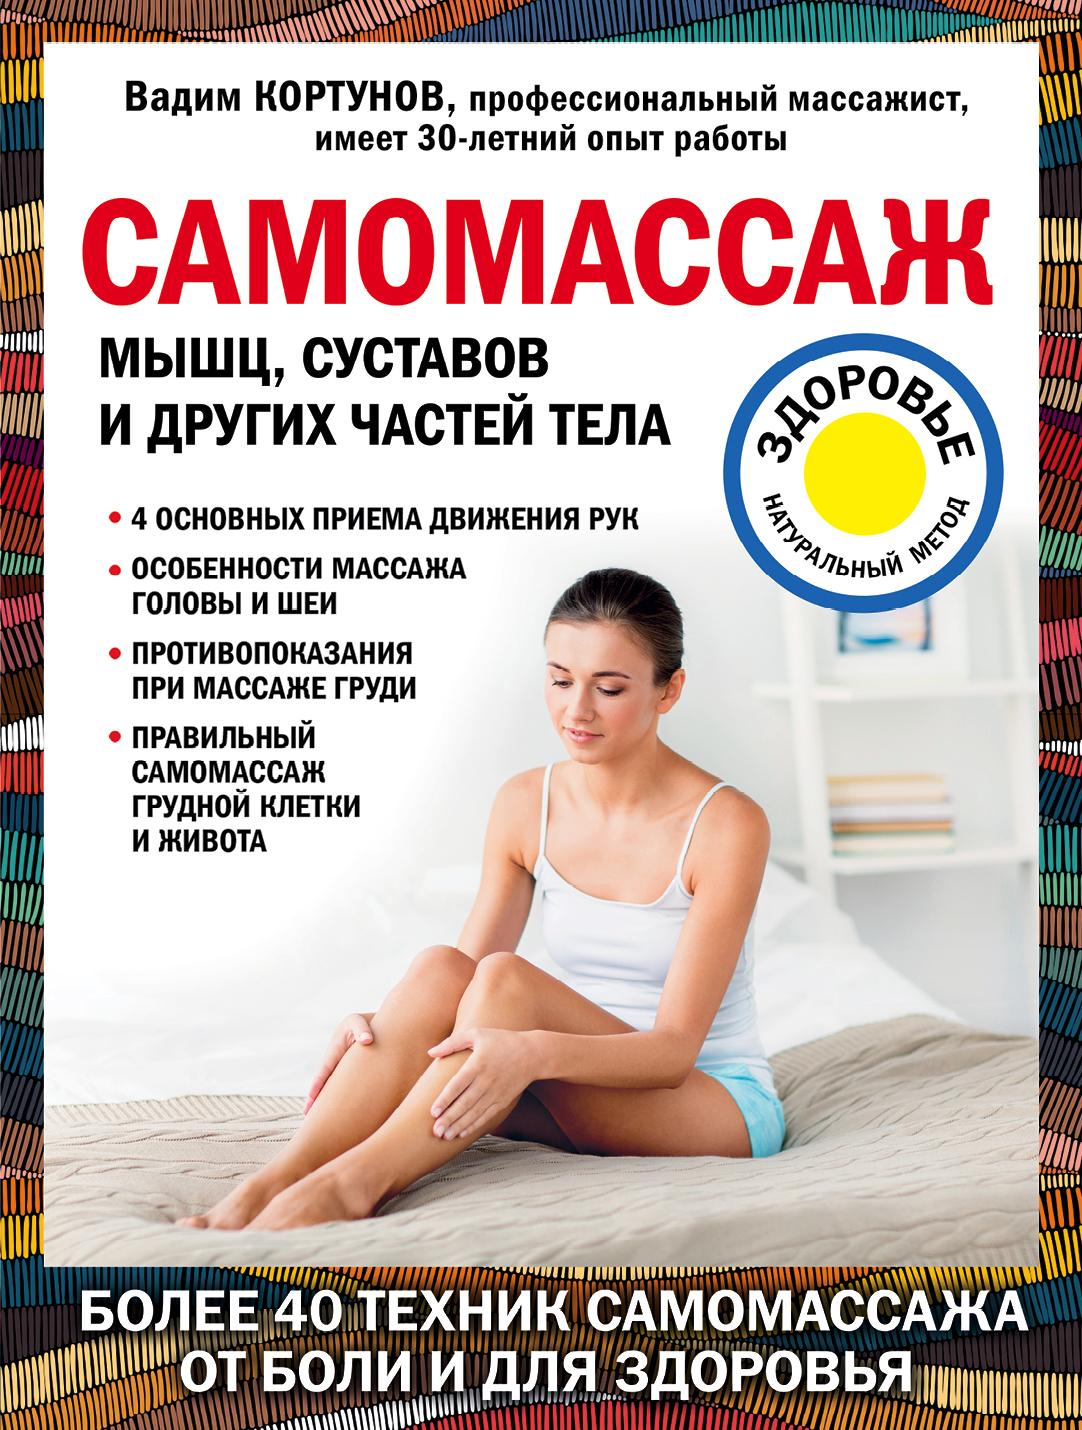 Вадим Кортунов «Самомассаж мышц, суставов и других частей тела»